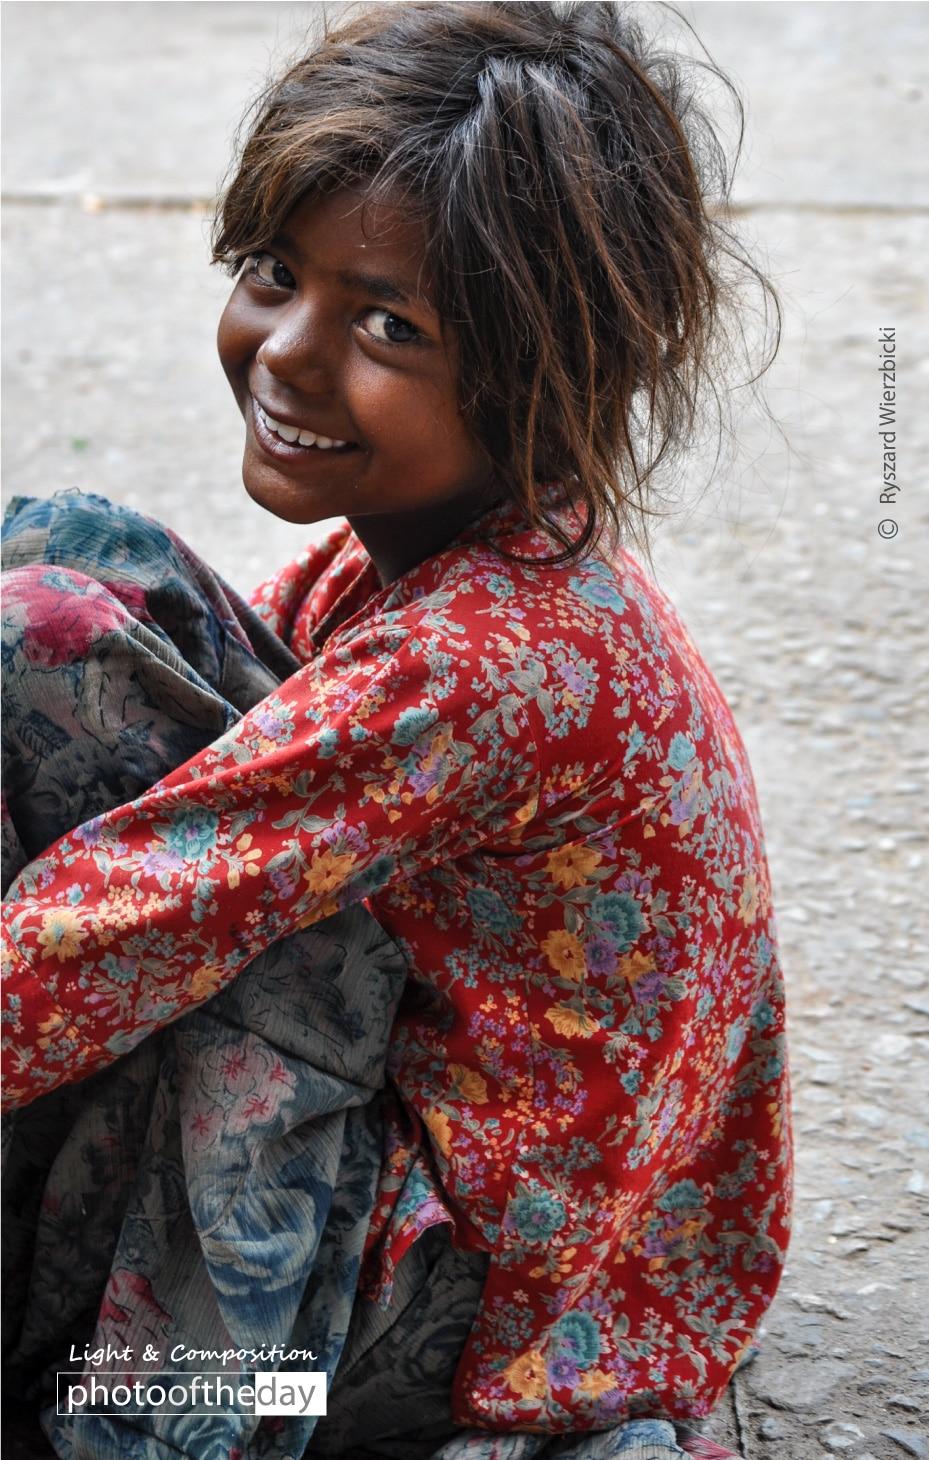 A Cheerful Smile by Ryszard Wierzbicki